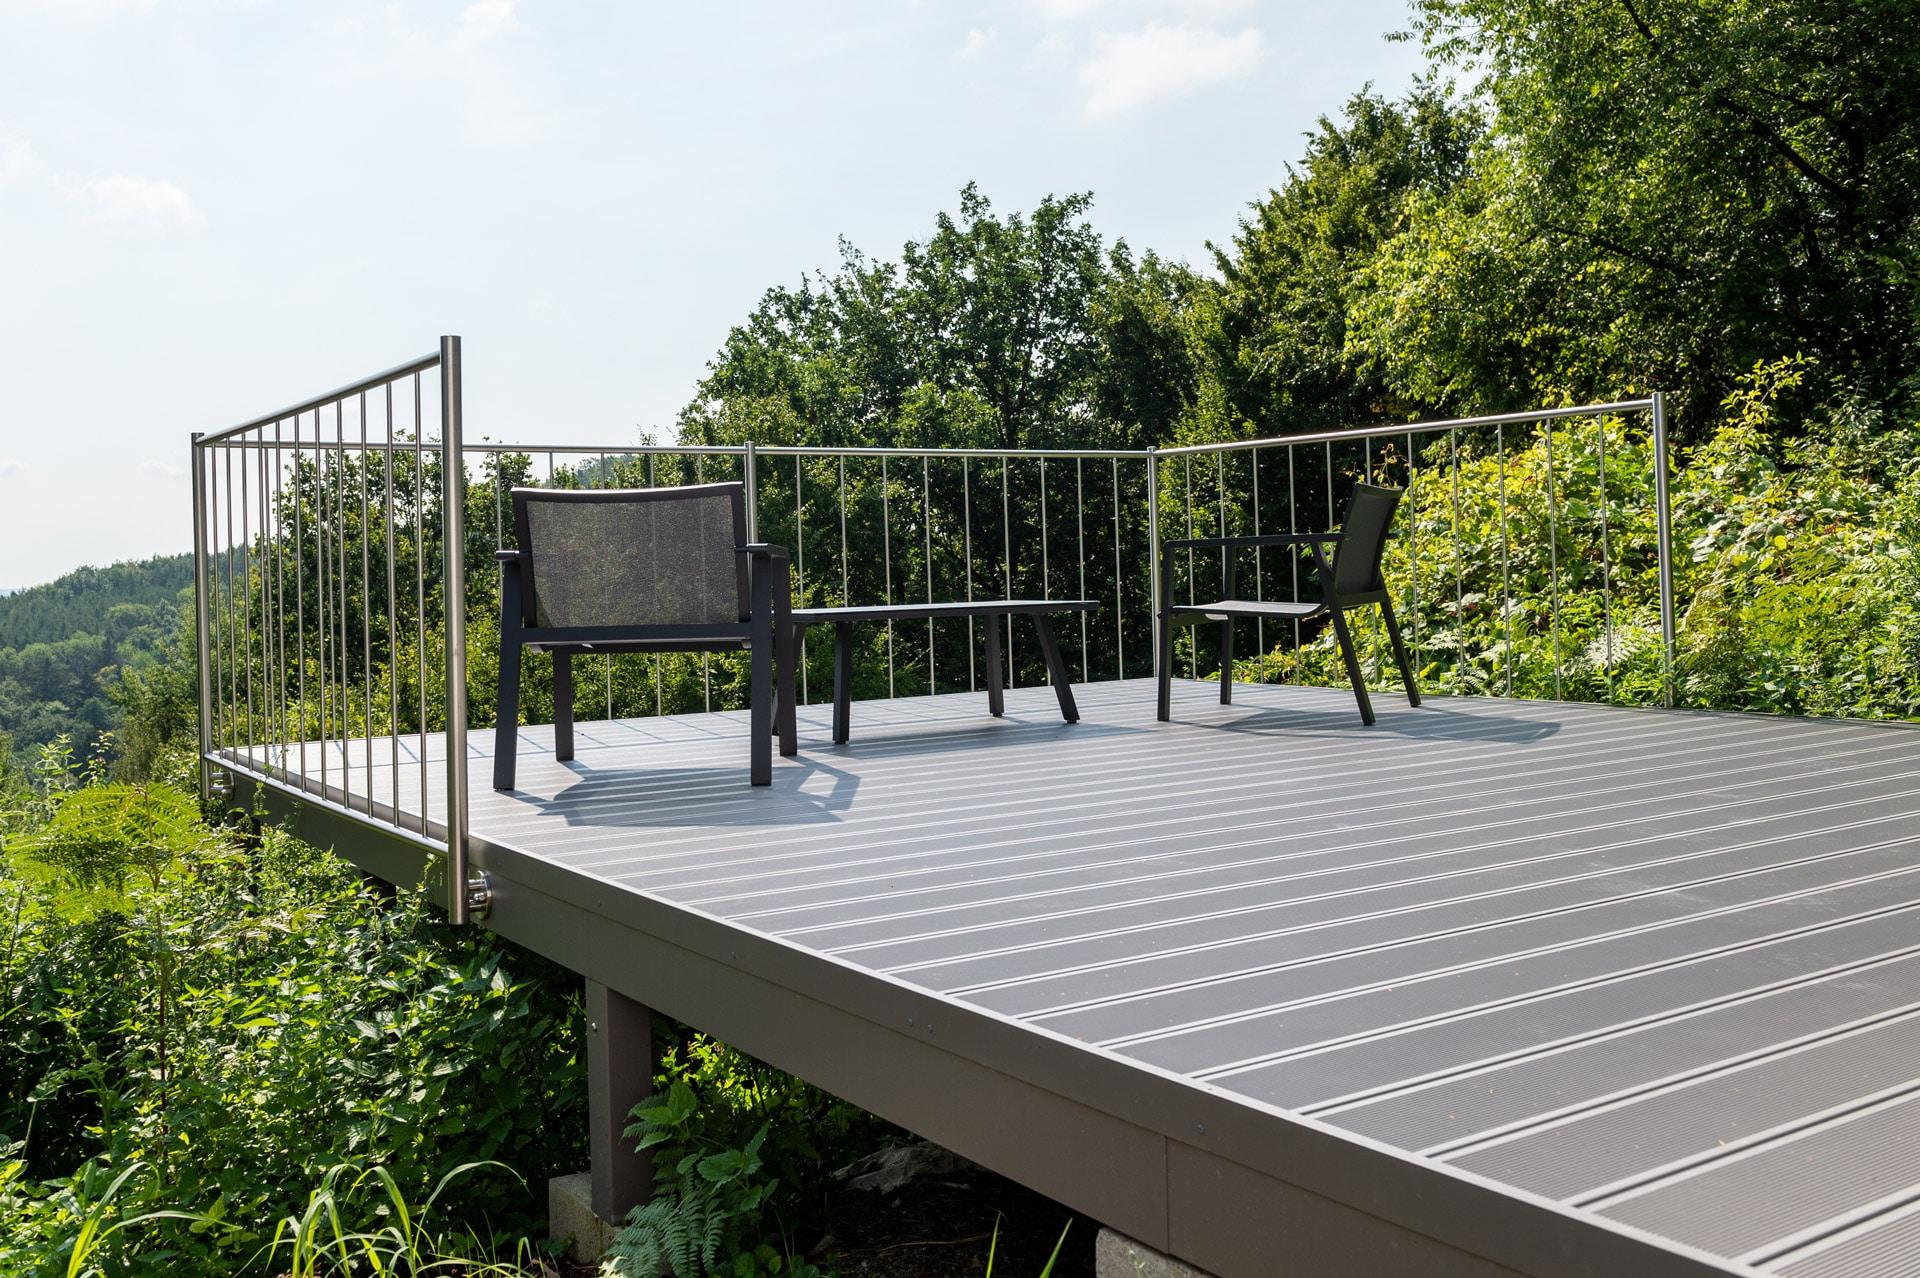 Zubau 19 d | Angebaute Terrasse mit Aussichtssteg in steilem Hang aus Metall bzw. Alu | Svoboda